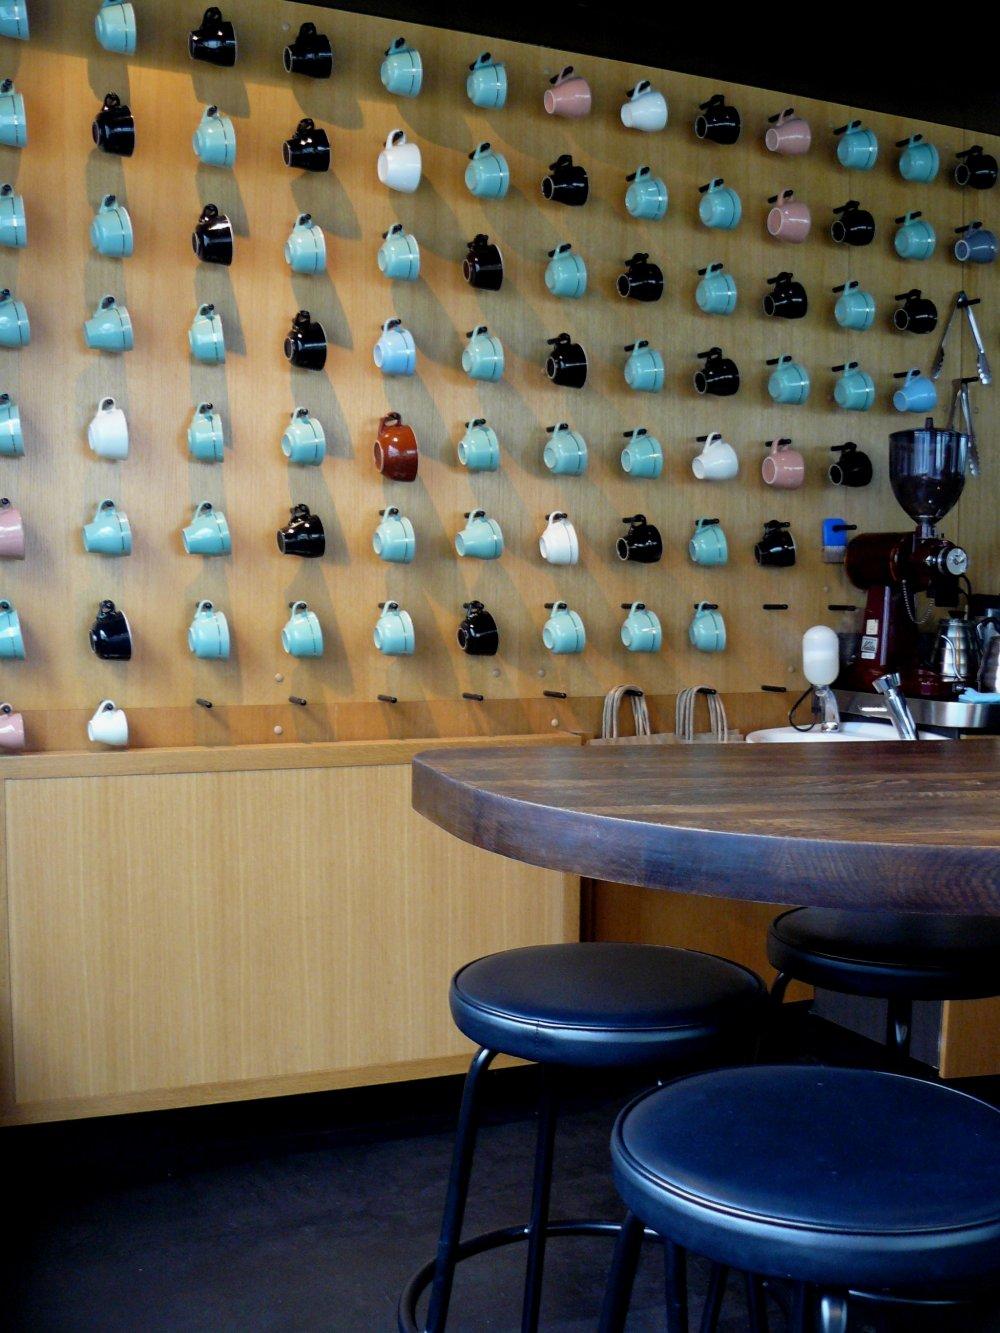 На стене много чашек разного цвета, и их можно разглядывать, пока ждешь заказ